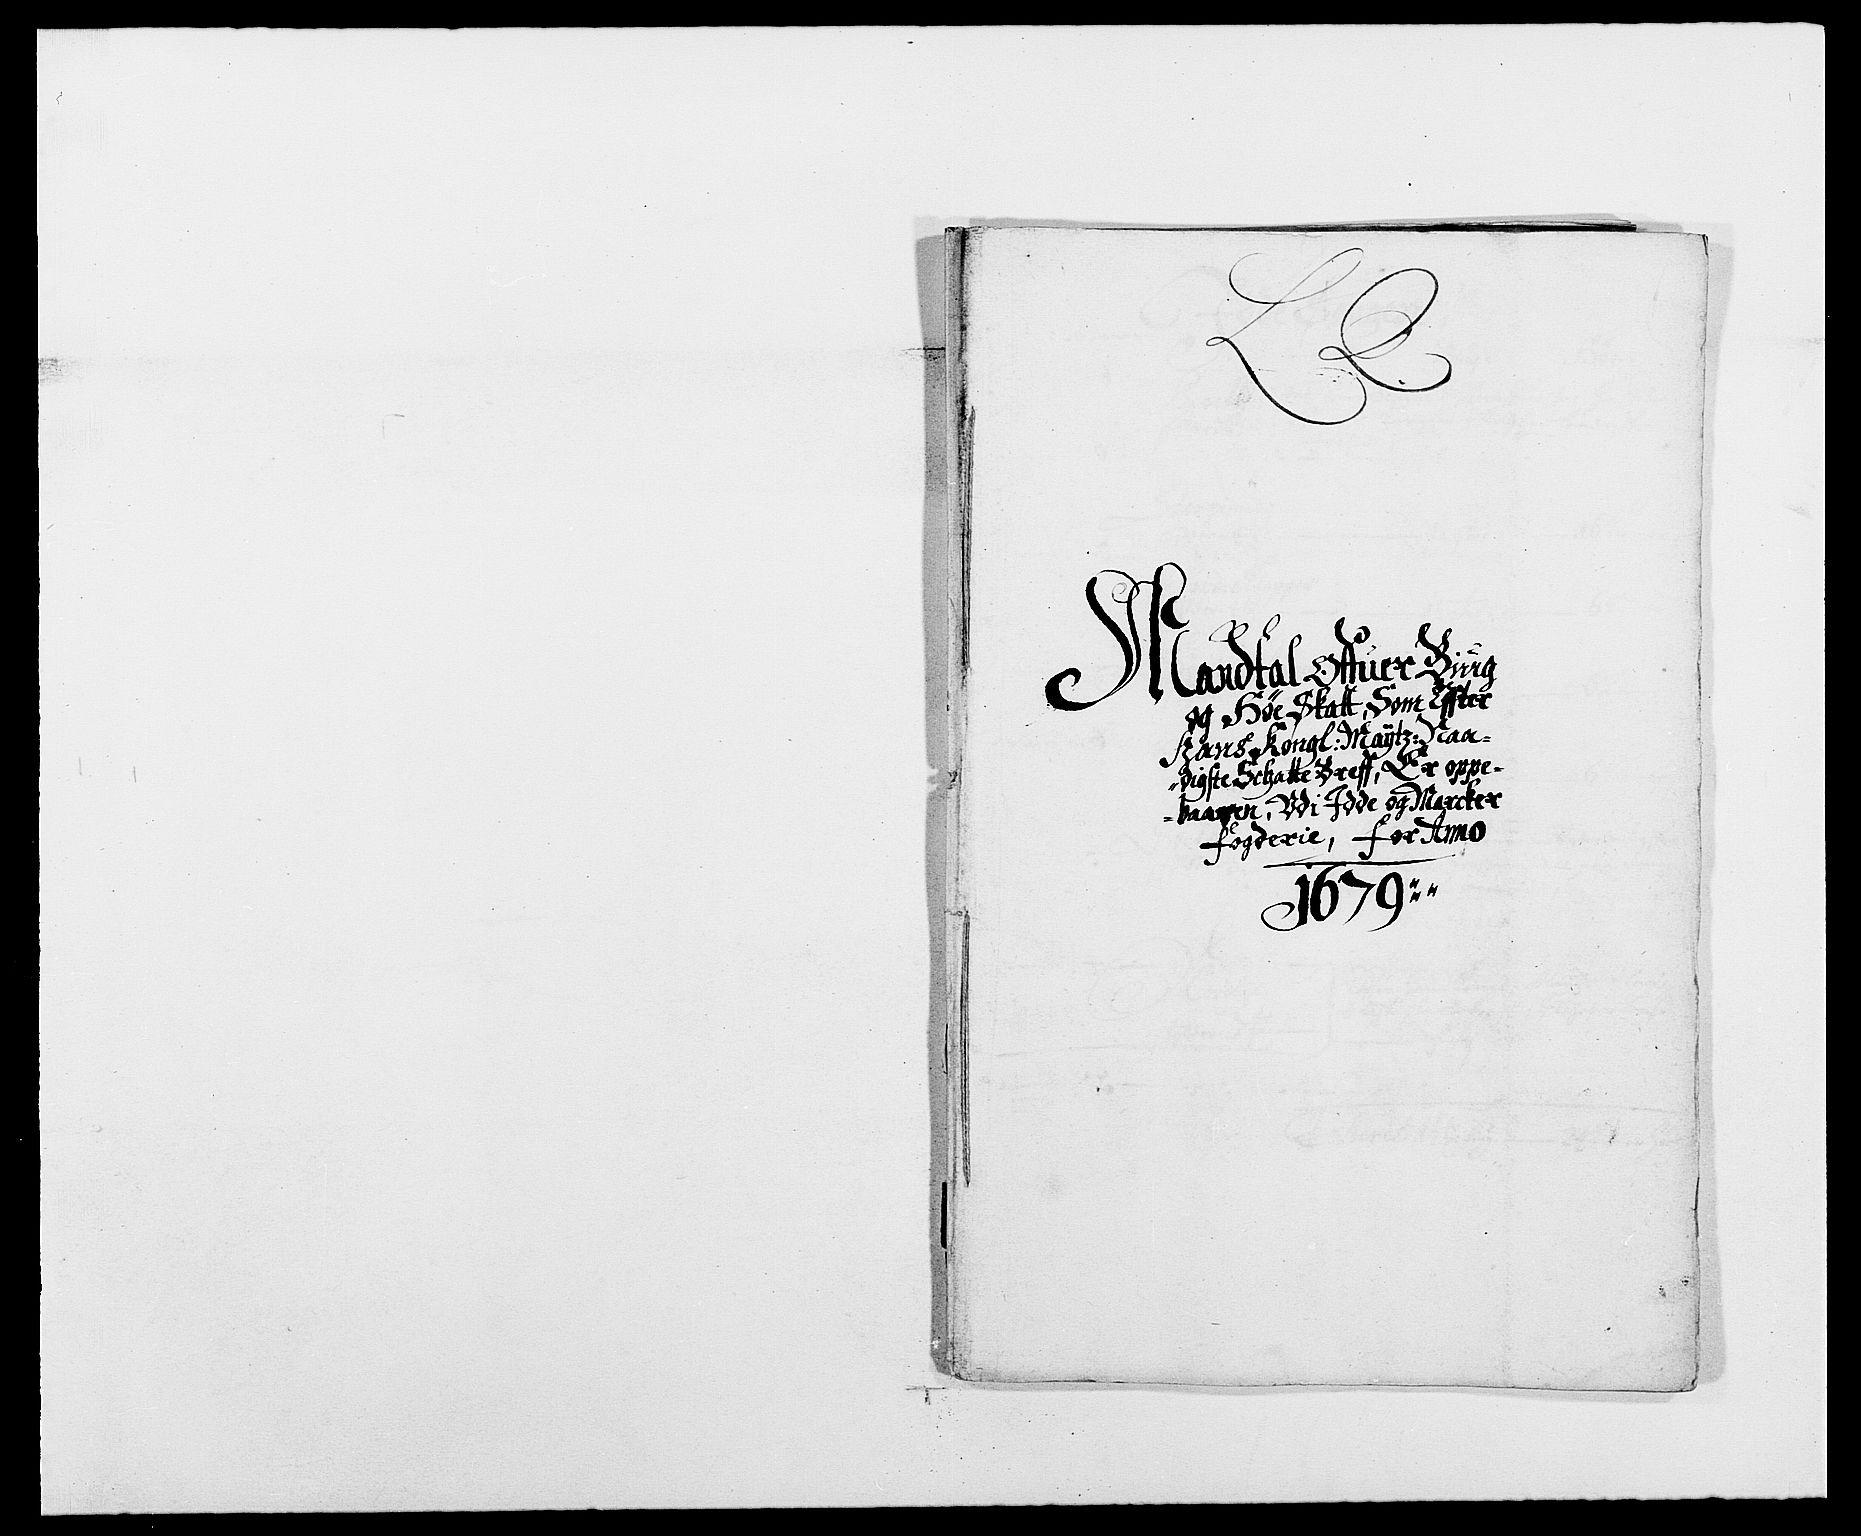 RA, Rentekammeret inntil 1814, Reviderte regnskaper, Fogderegnskap, R01/L0001: Fogderegnskap Idd og Marker, 1678-1679, s. 401